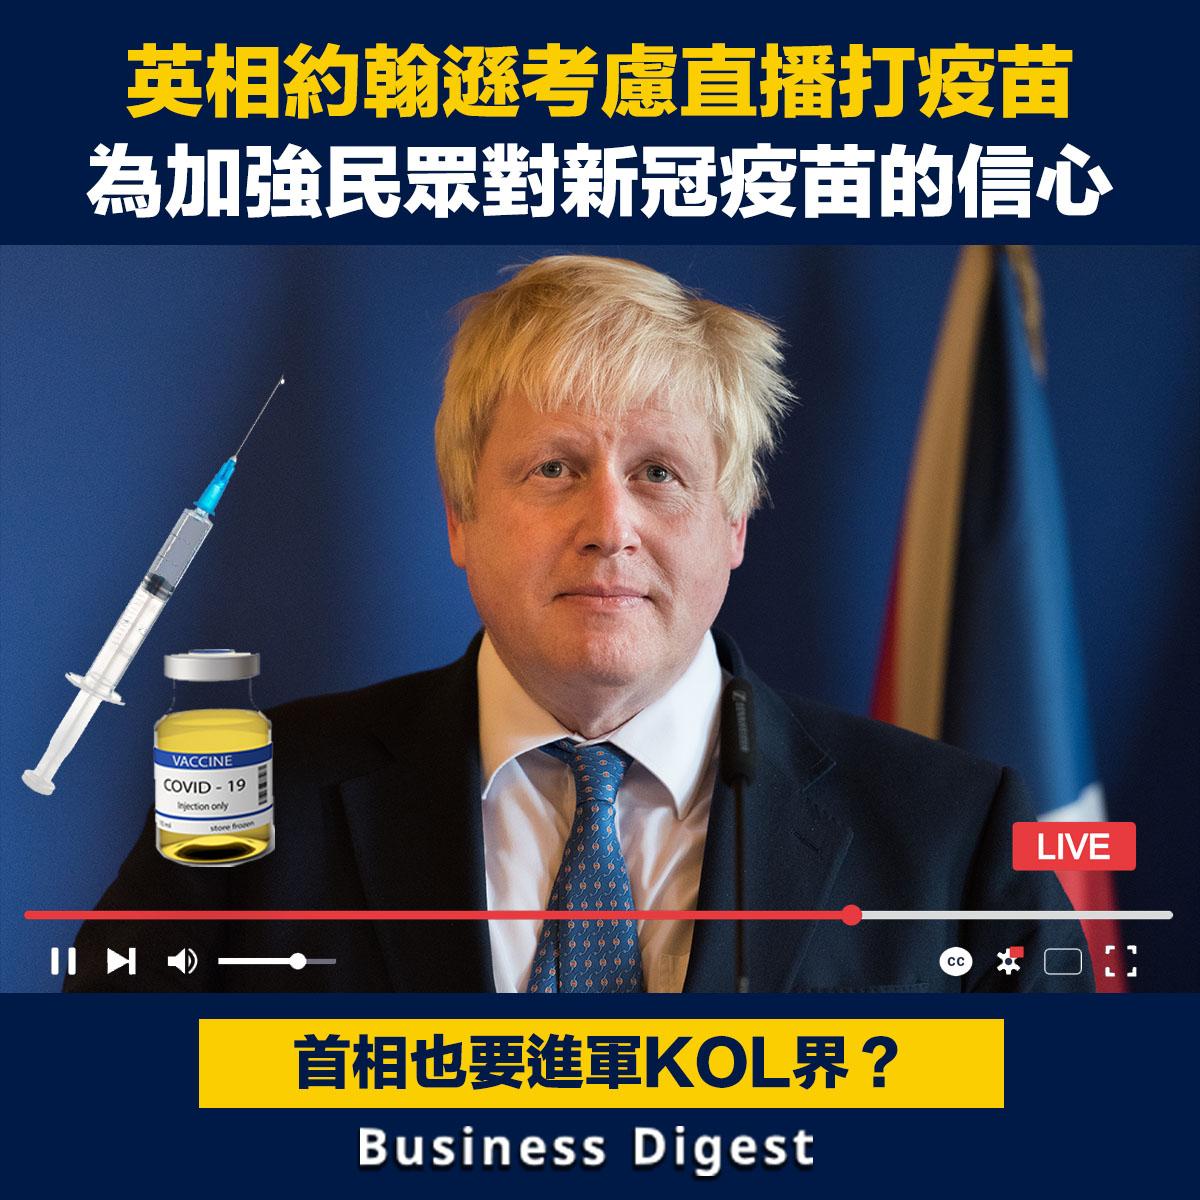 首相約翰遜的新聞秘書透露,約翰遜考慮直播打疫苗,以加強民眾信心。